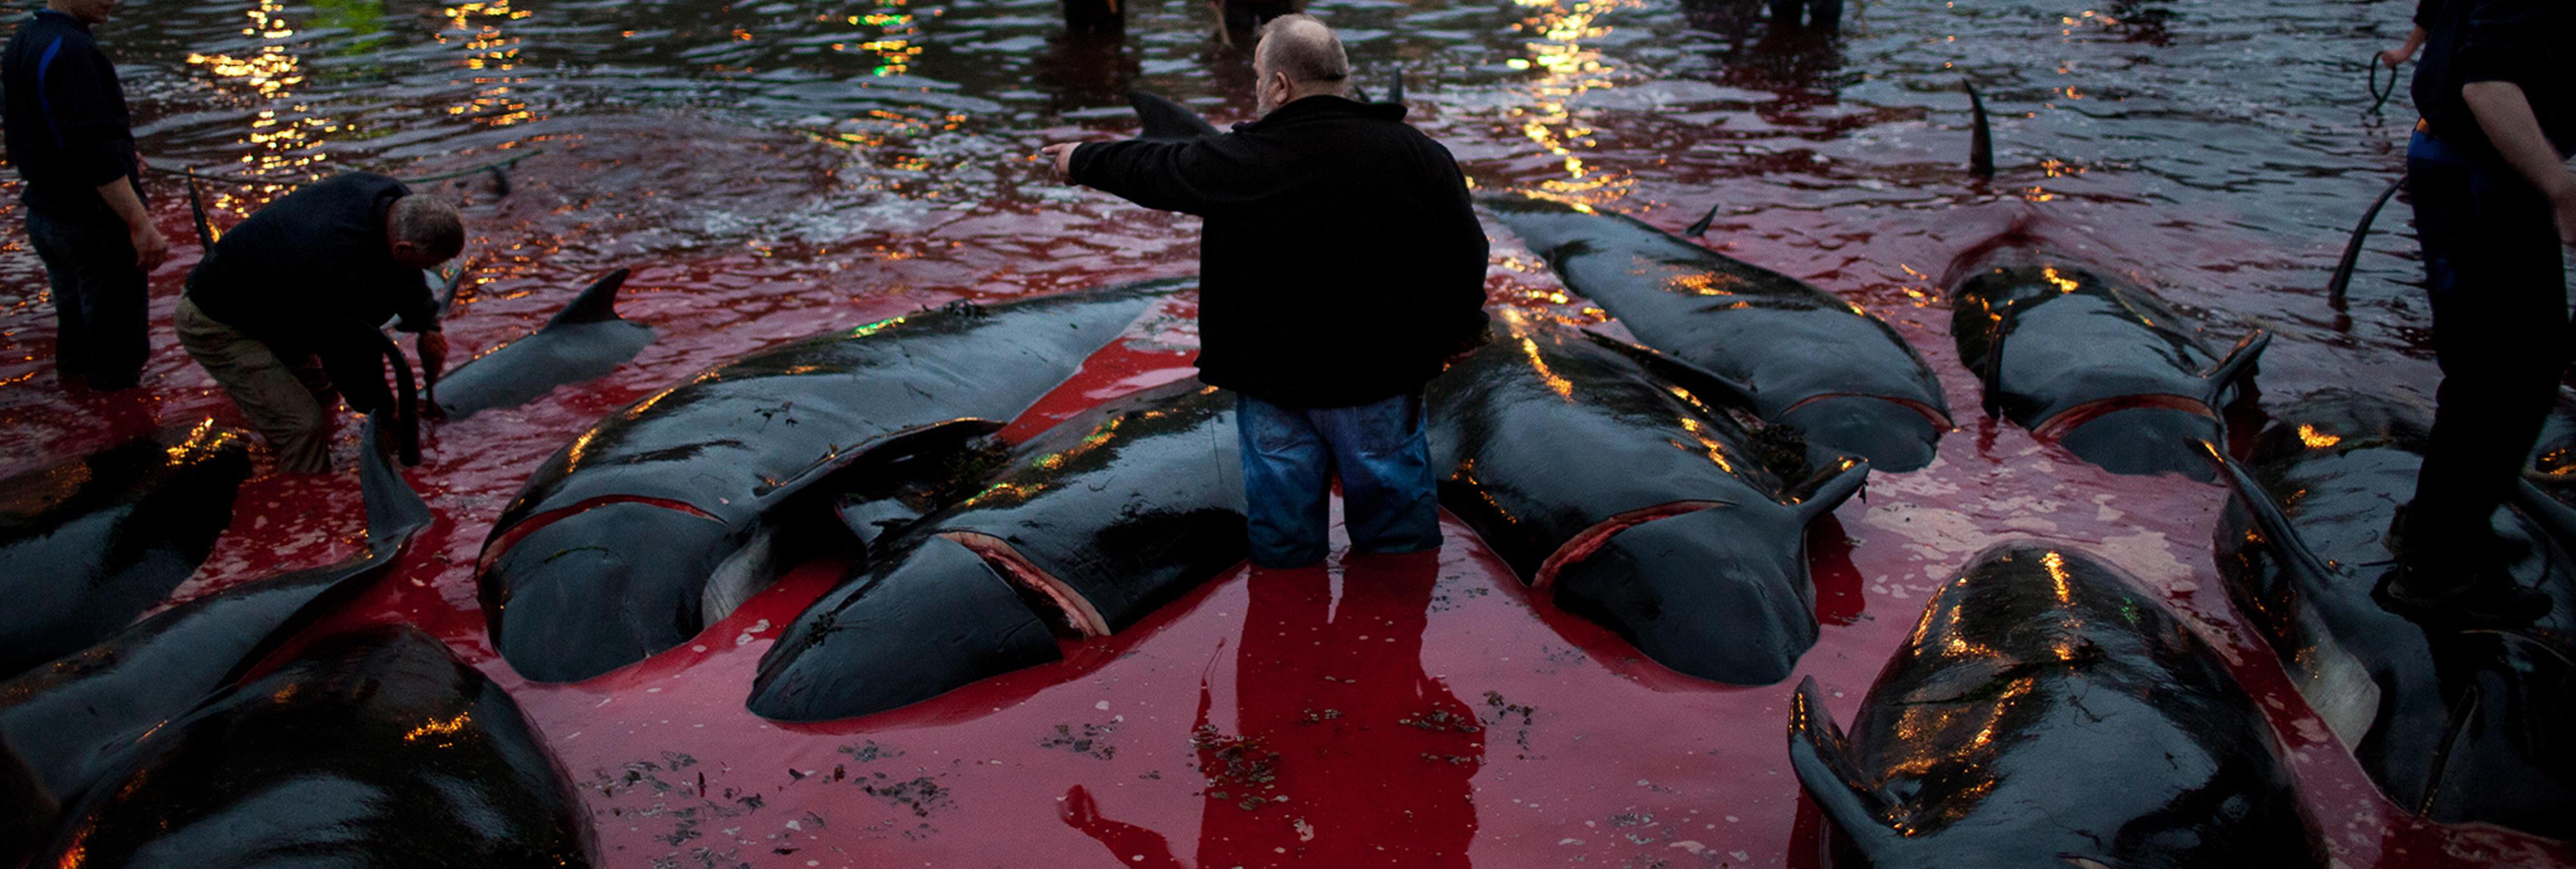 Grindadráp, la matanza de ballenas que tiñe de rojo las aguas del Atlántico